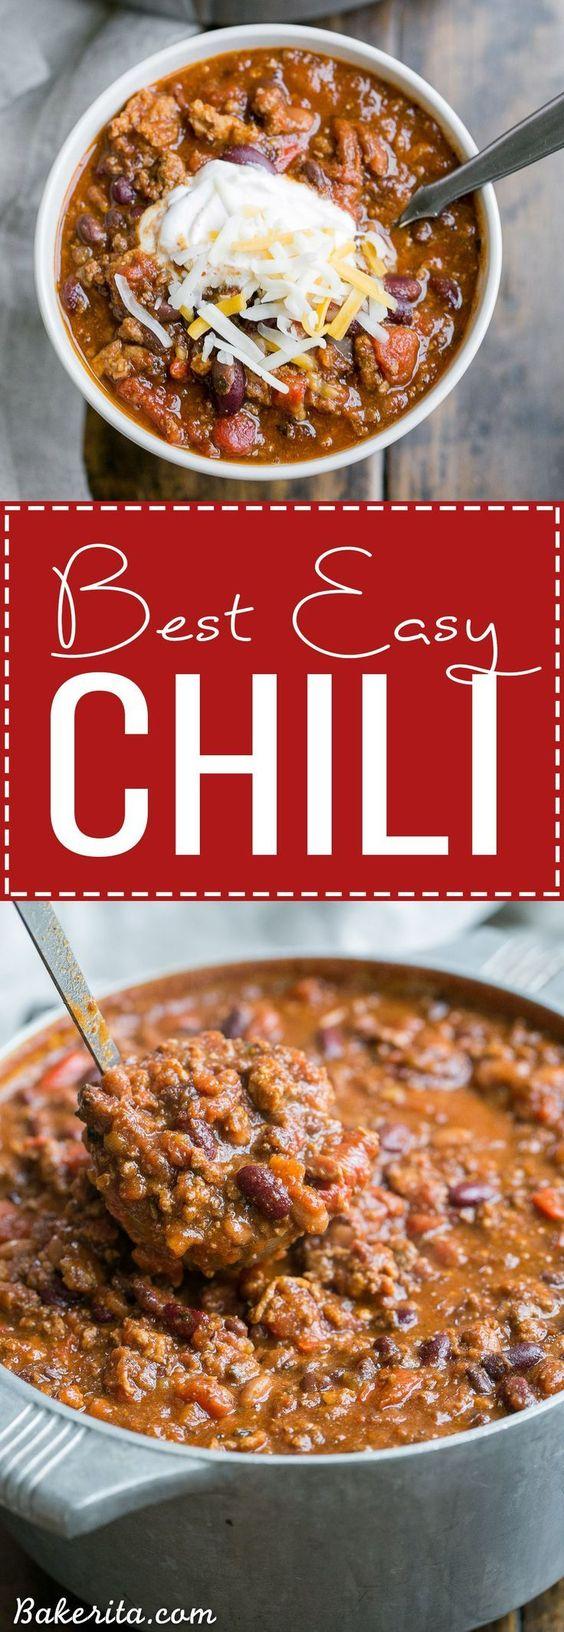 My Best Chili Recipe